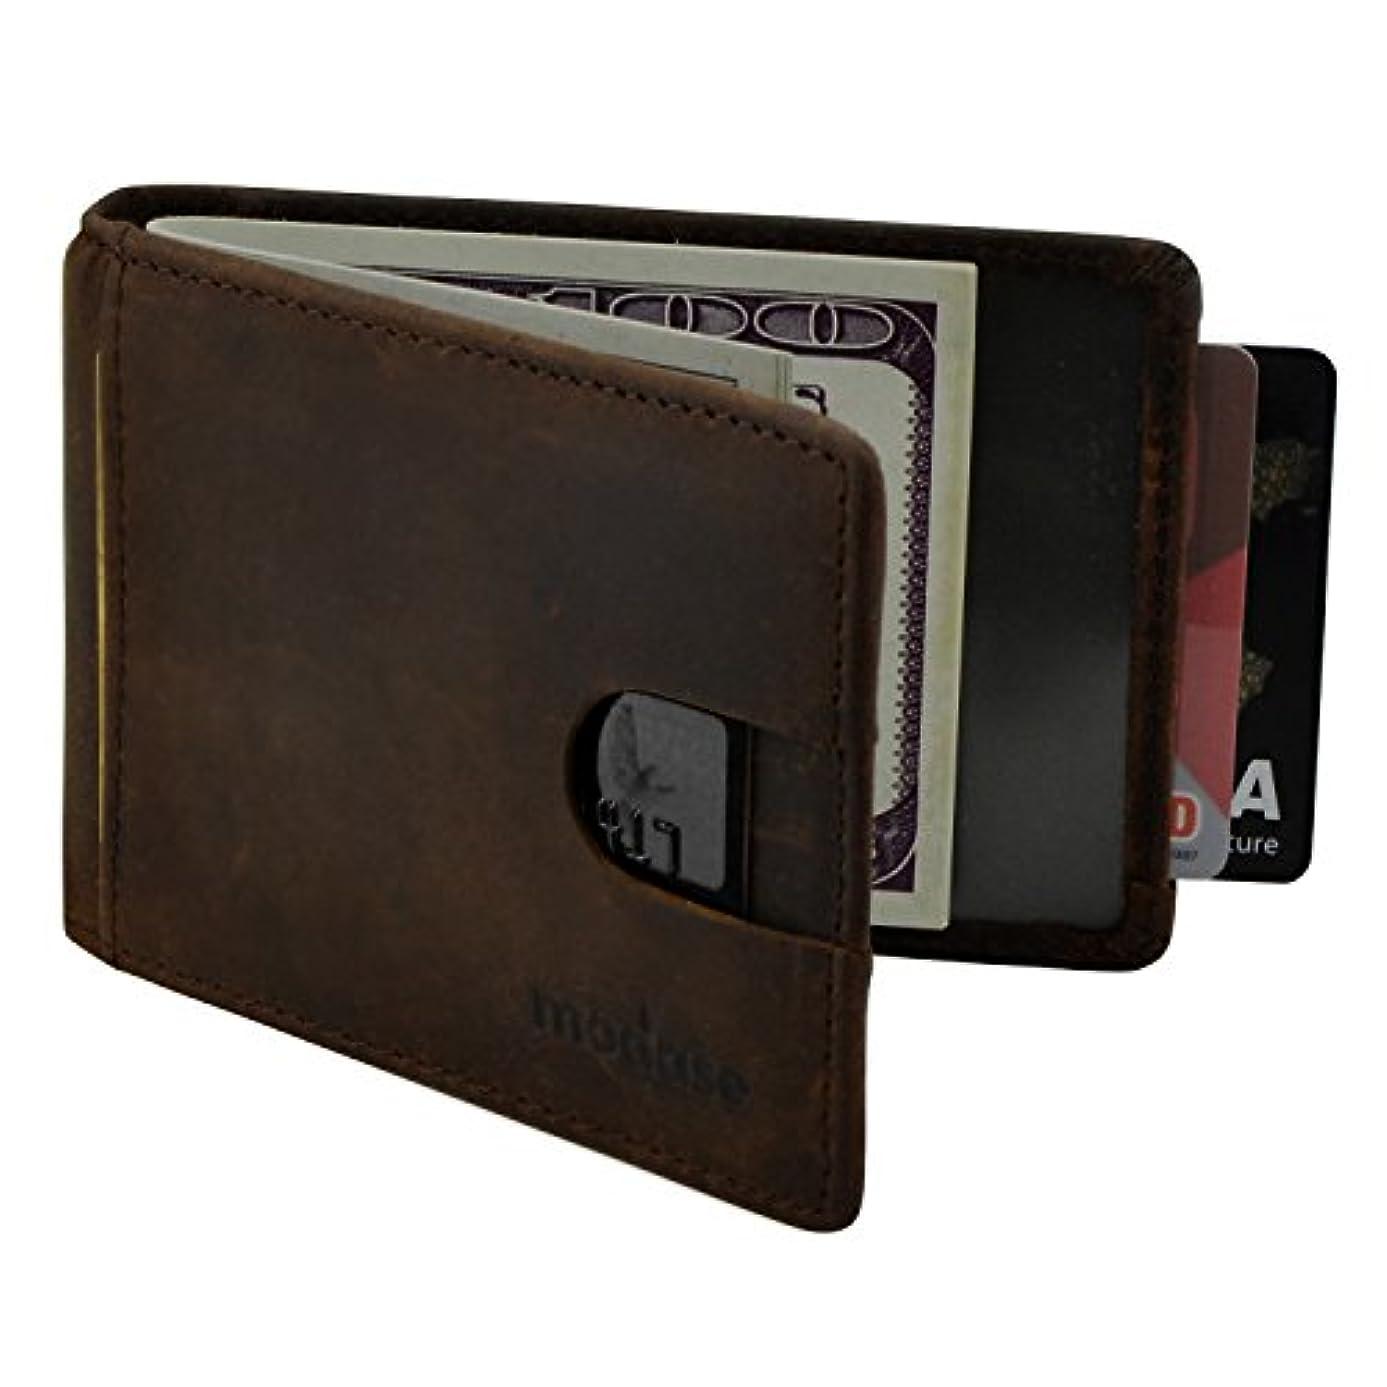 アクセスキロメートルあなたはメンズ財布、modase RFIDブロックスリム本革ウォレットメンズの – 二つ折り財布マネークリップ カラー: ブラウン